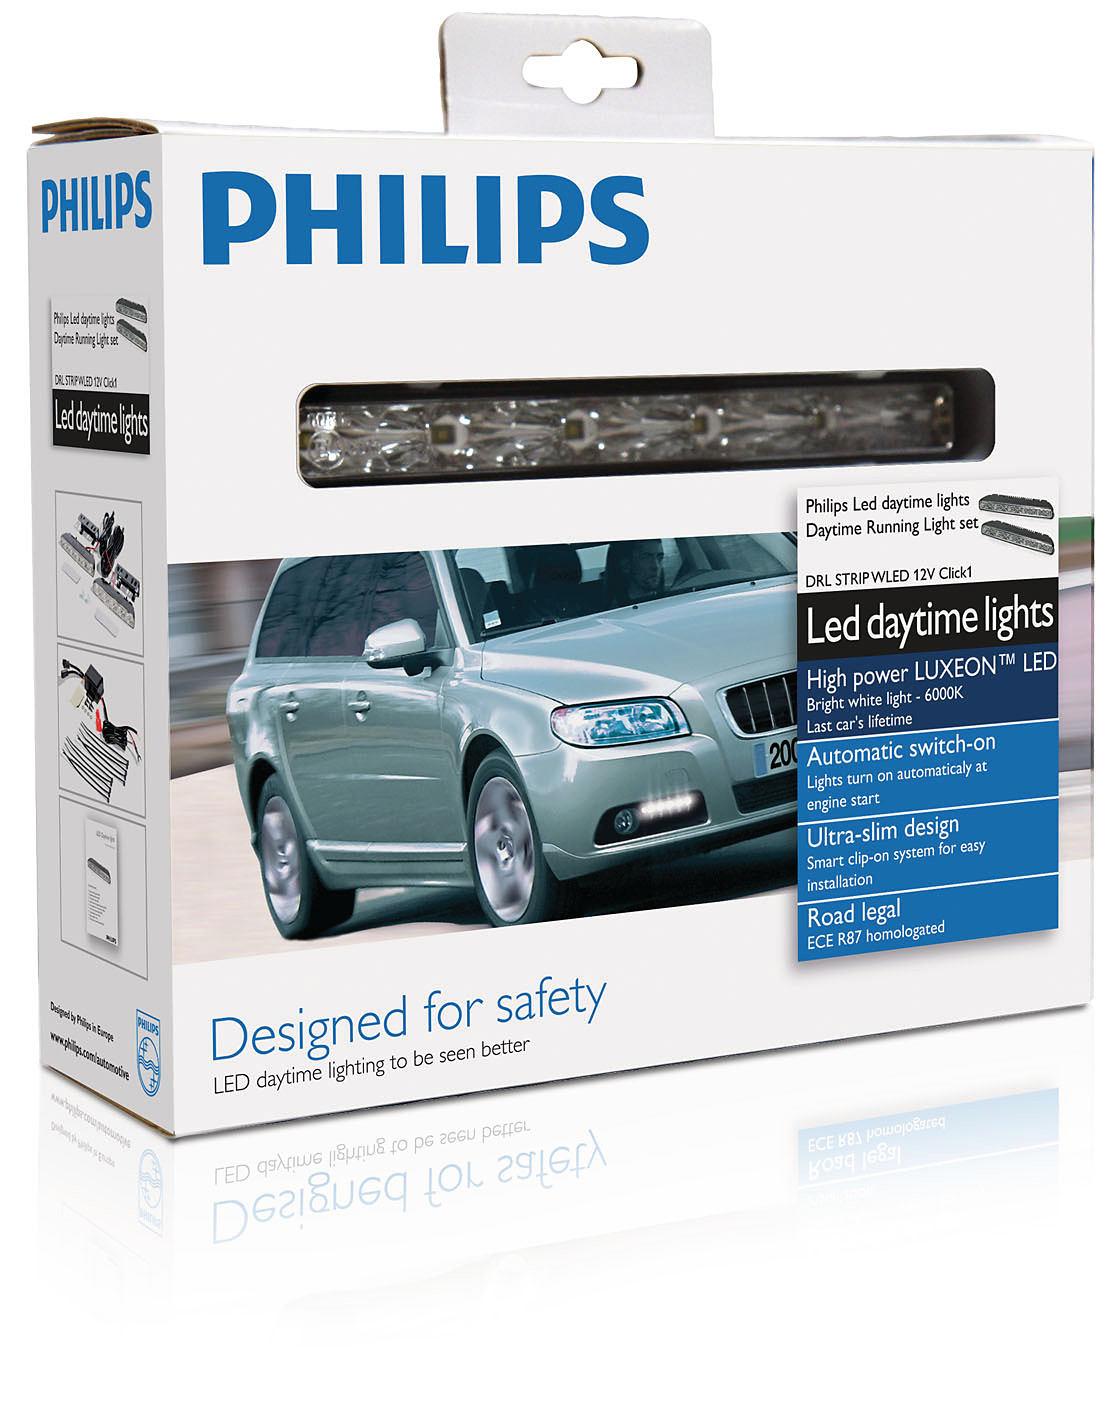 Philips Světla pro denní svícení DRL STRIP WLED 12V